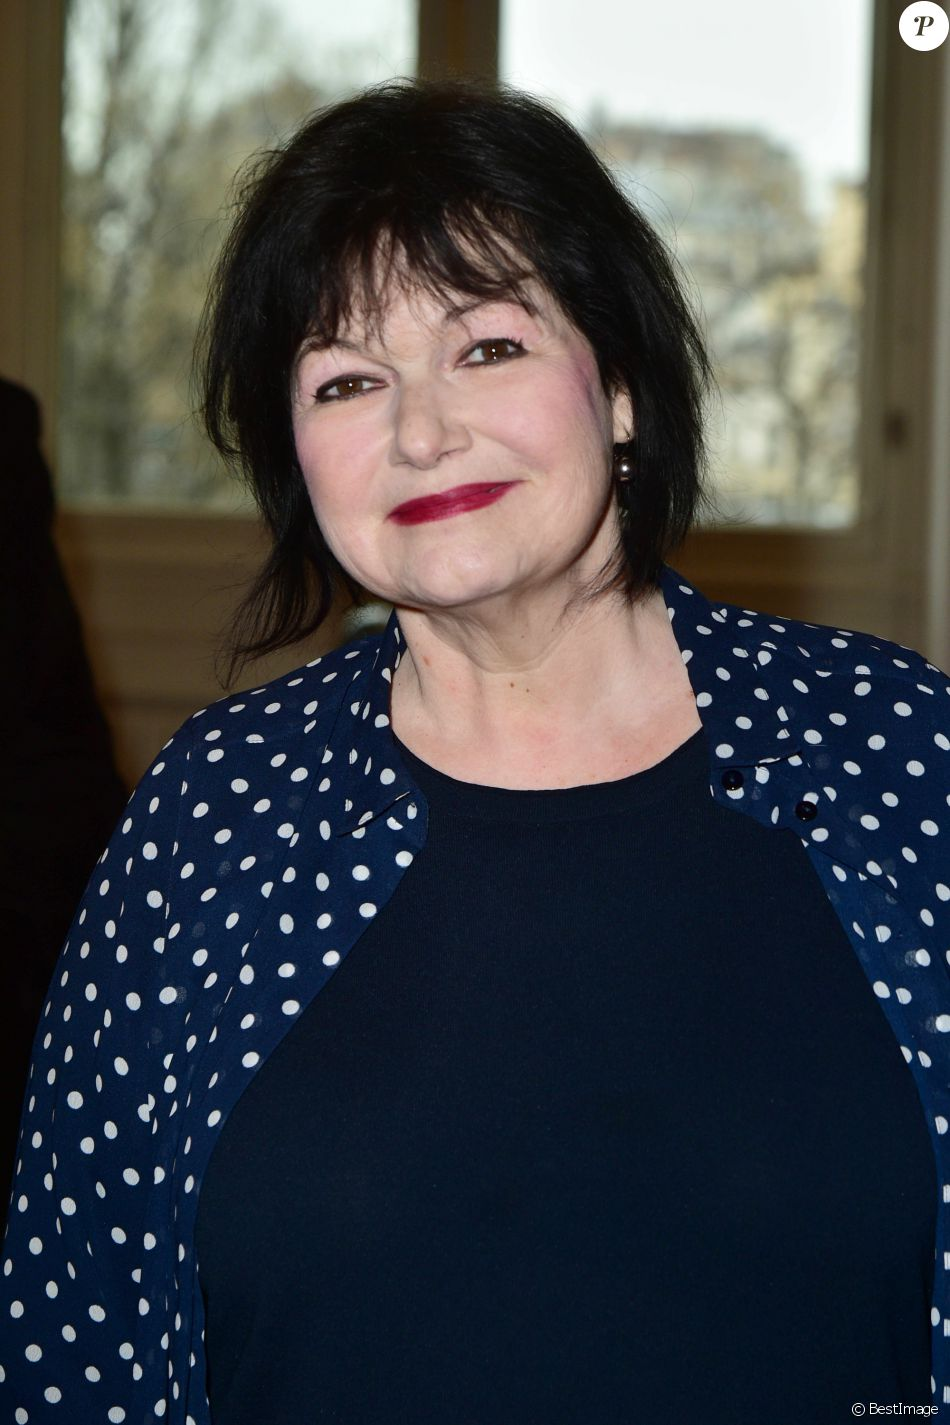 Maurane - Remise de la médaille Grand Vermeil de la Ville de Paris dans les salons de la Mairie à Michel Legrand à Paris. Le 22 janvier 2015